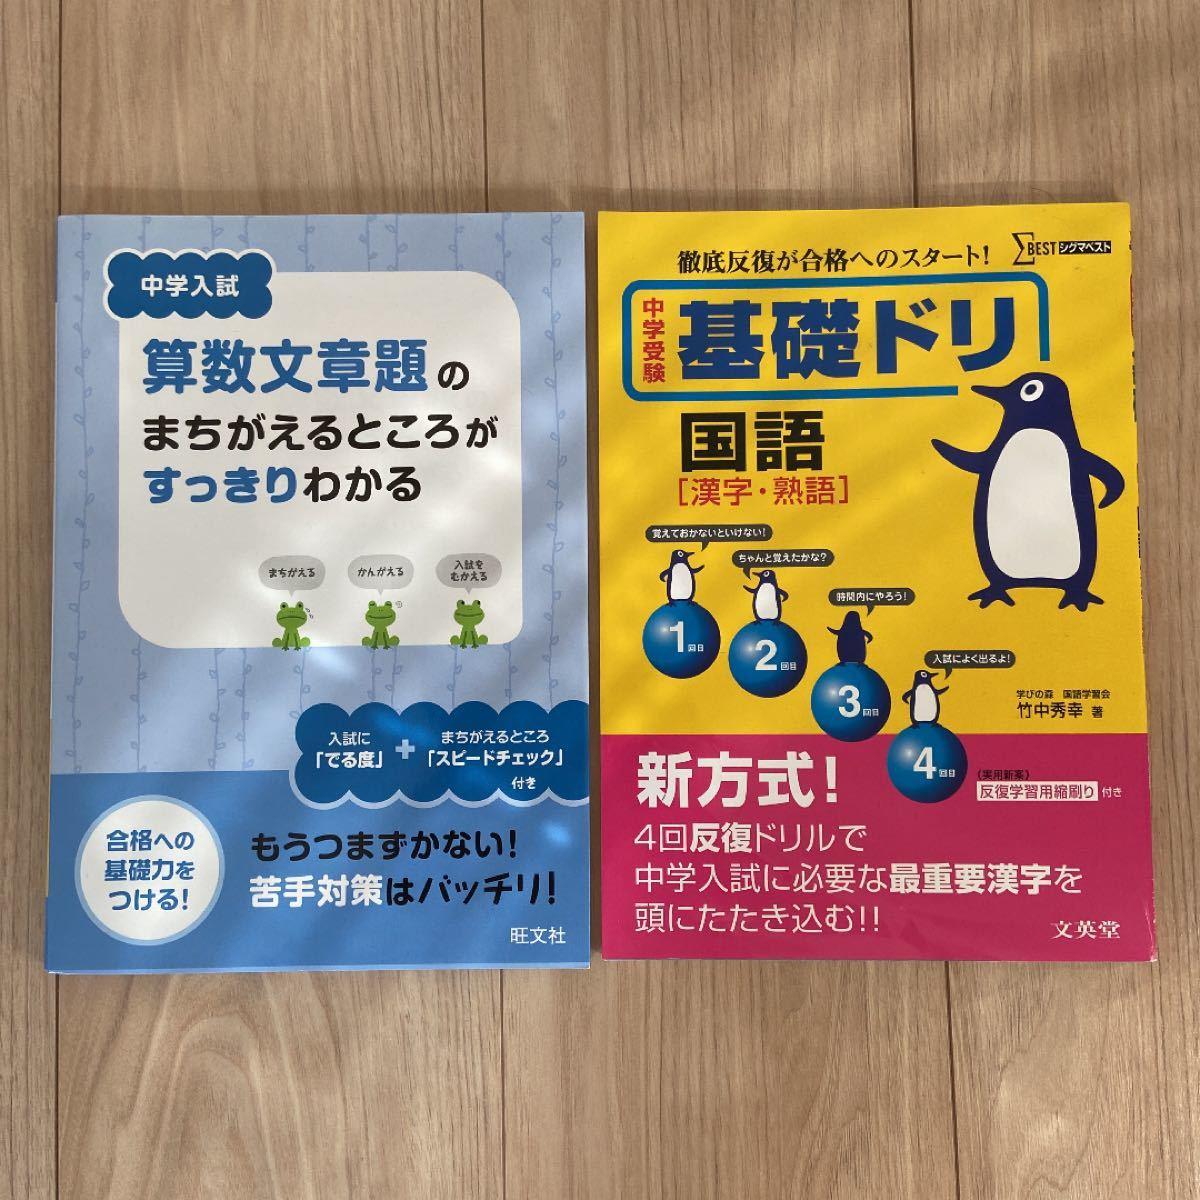 中学受験基礎ドリ国語、中学入試算数文章題のまちがえるところがすっきりわかる 2冊セット